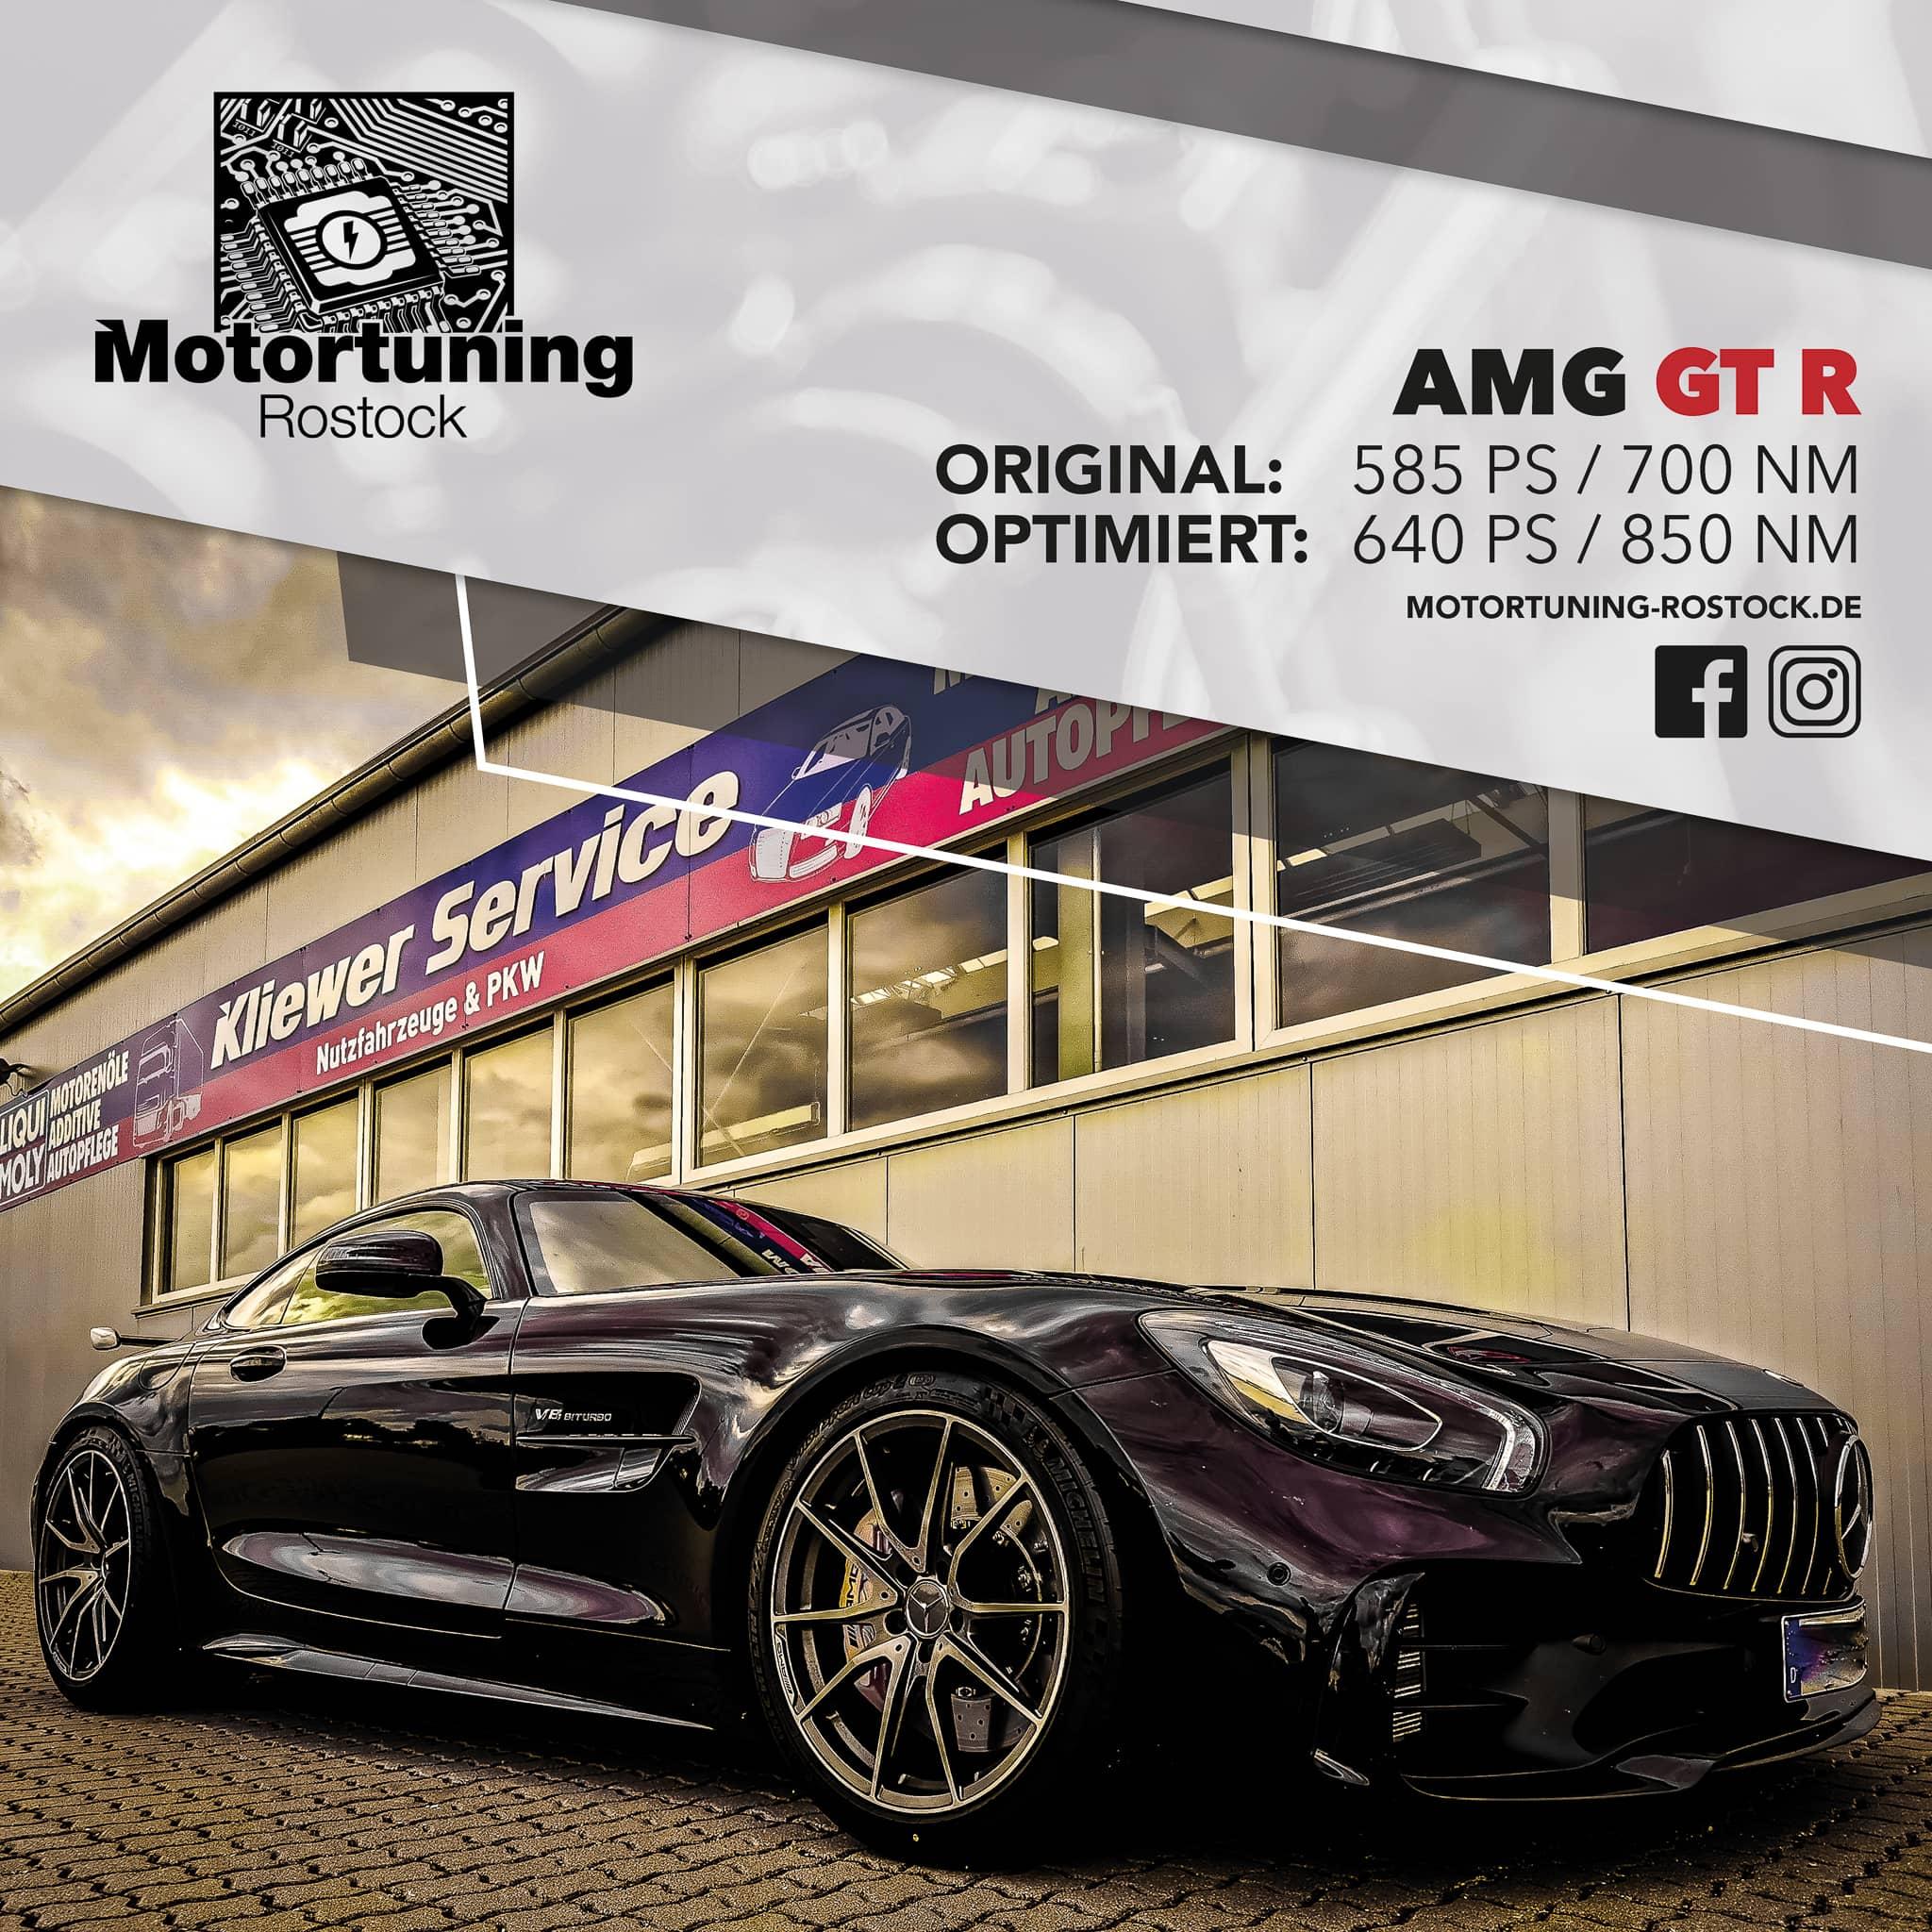 Chiptuning-Motortuning Rostock, Kennfeldoptimierung, Leistungssteigerung, AMG GT R , Ansicht schräg vorn, schwarz, Originalleistung: 585 PS,optimierte Leistung: 640 PS